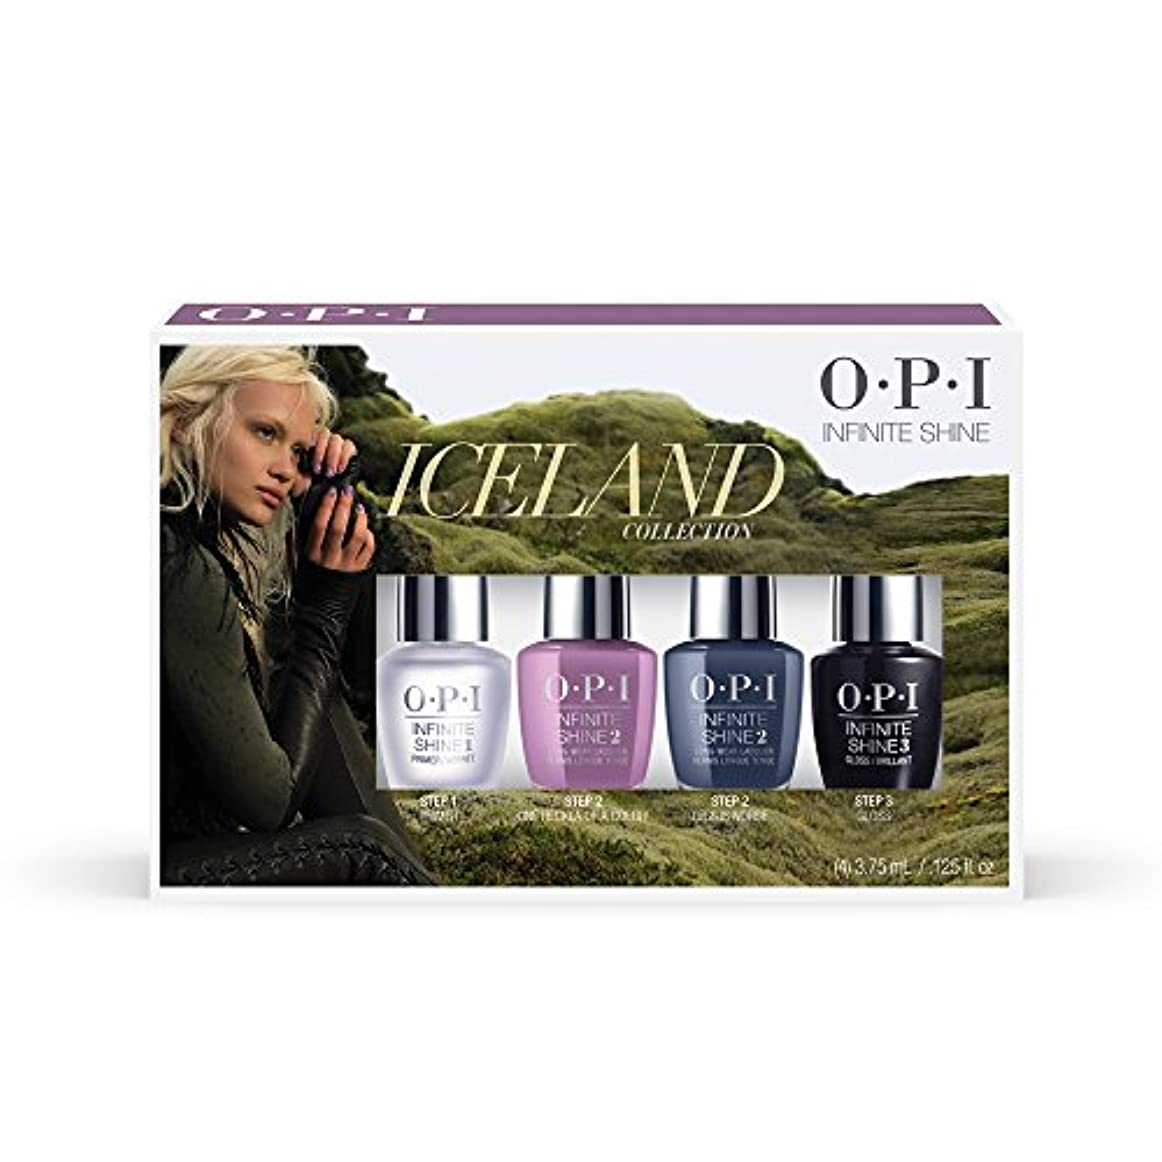 アウタービルマ最終的にOPI(オーピーアイ) アイスランド コレクション インフィニット シャイン ミニパック